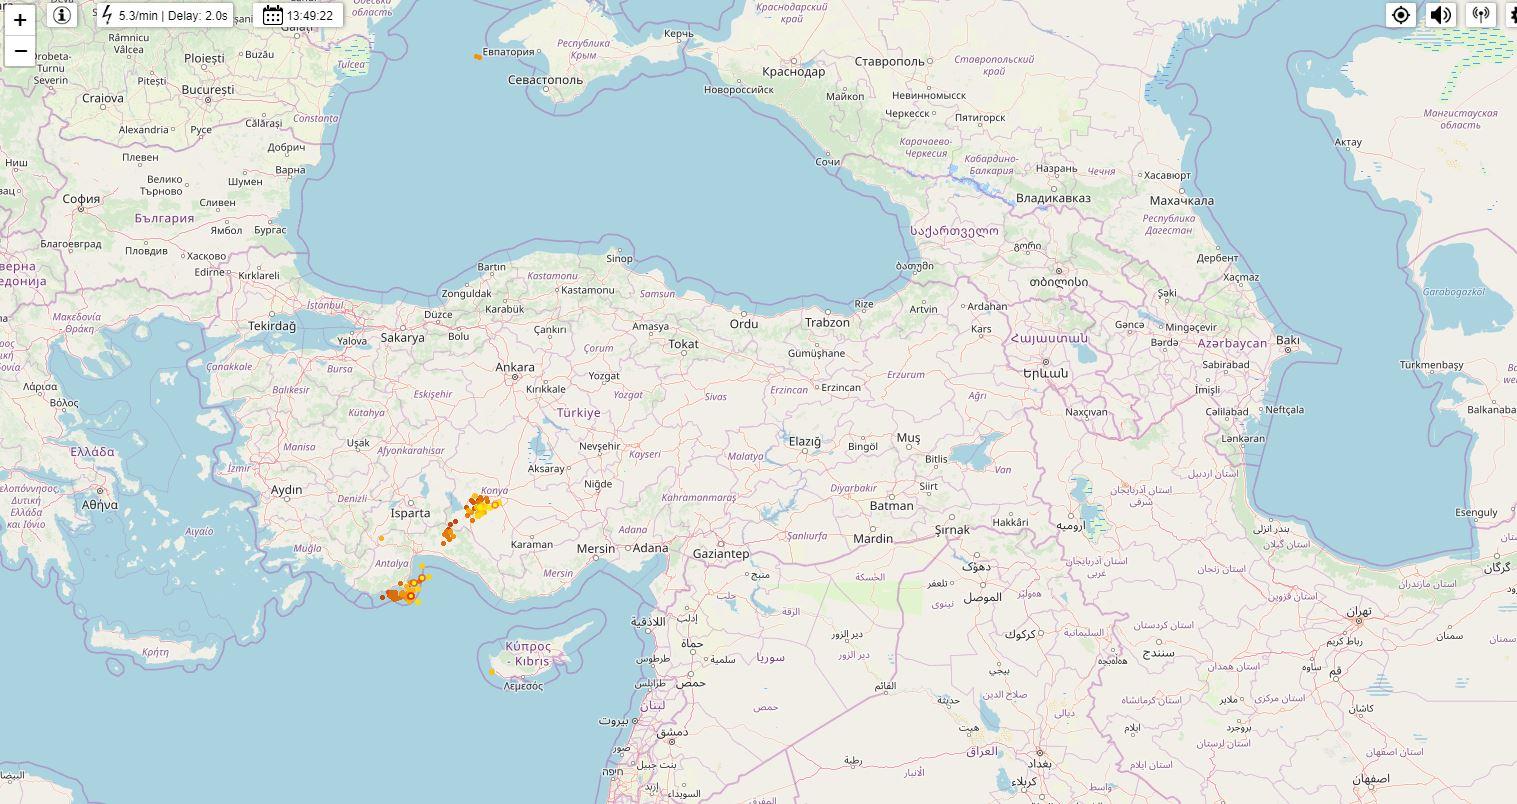 simsek-haritasi-2 Şimşek Haritası